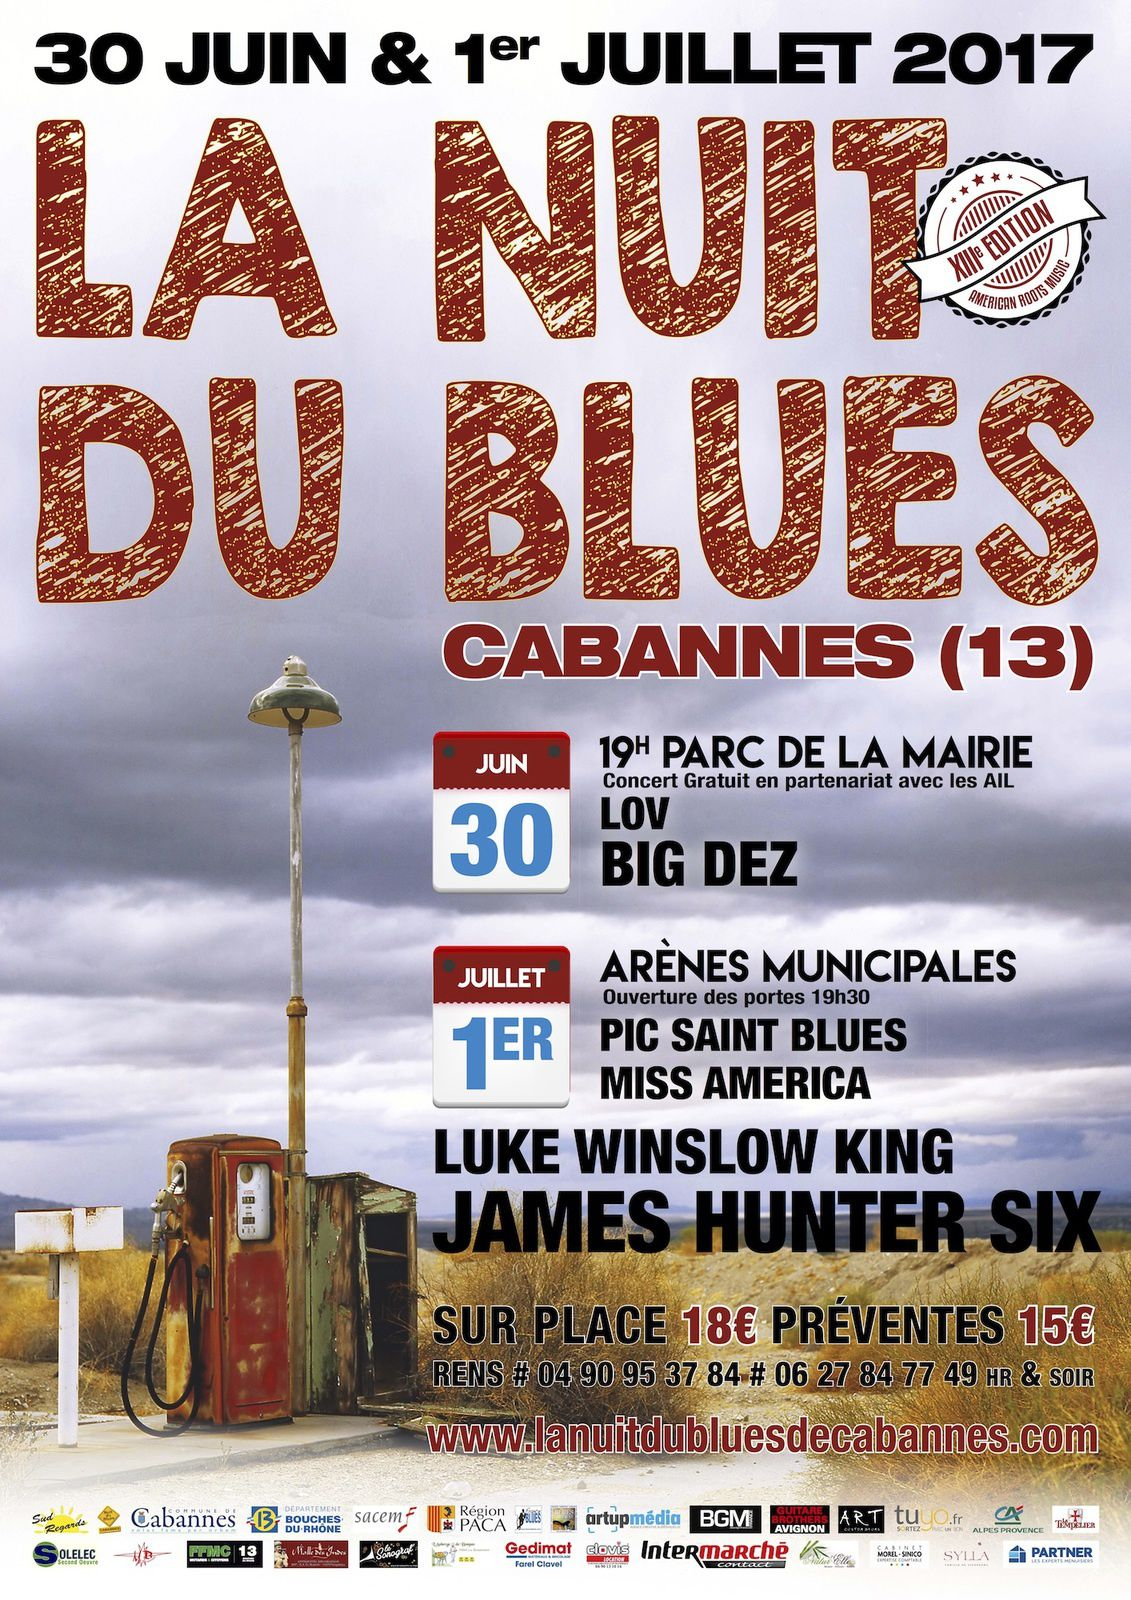 Nuit du blues de Cabannes: un petit avant gout des 30 juin et 1er juillet